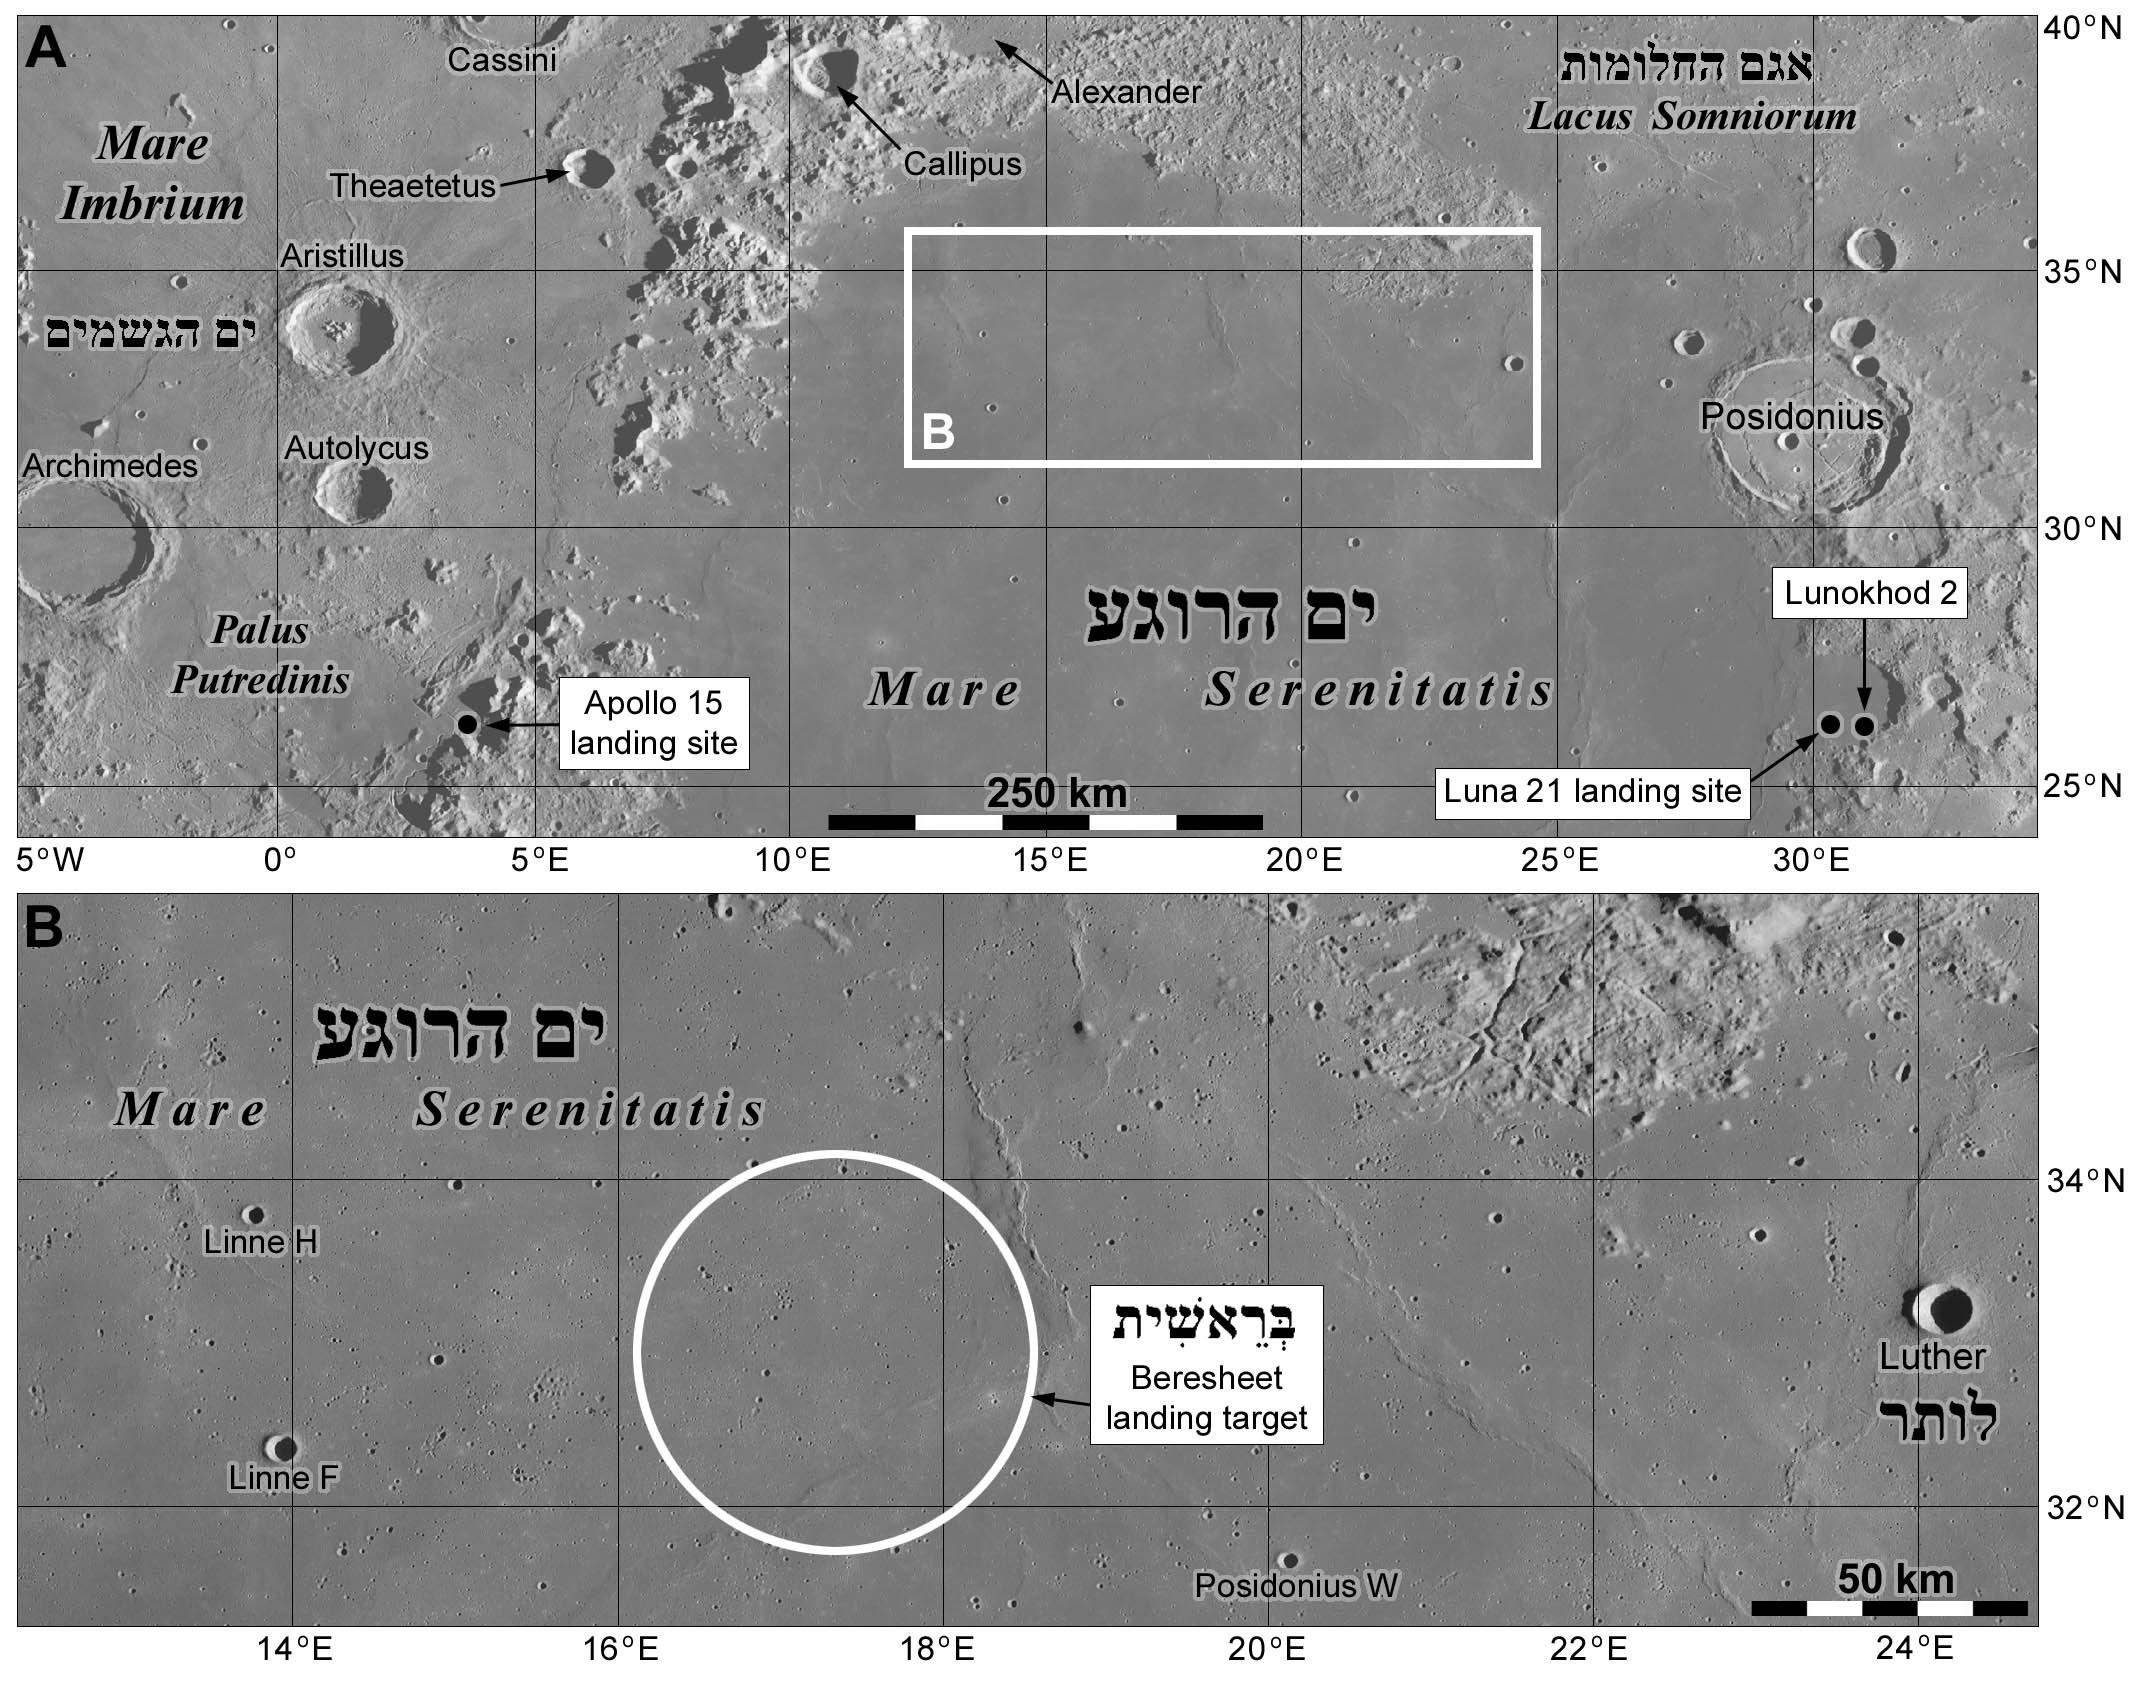 Лунная миссия «Берешит» — четвертый маневр завершен успешно, идет подготовка к выходу на Лунную орбиту - 22